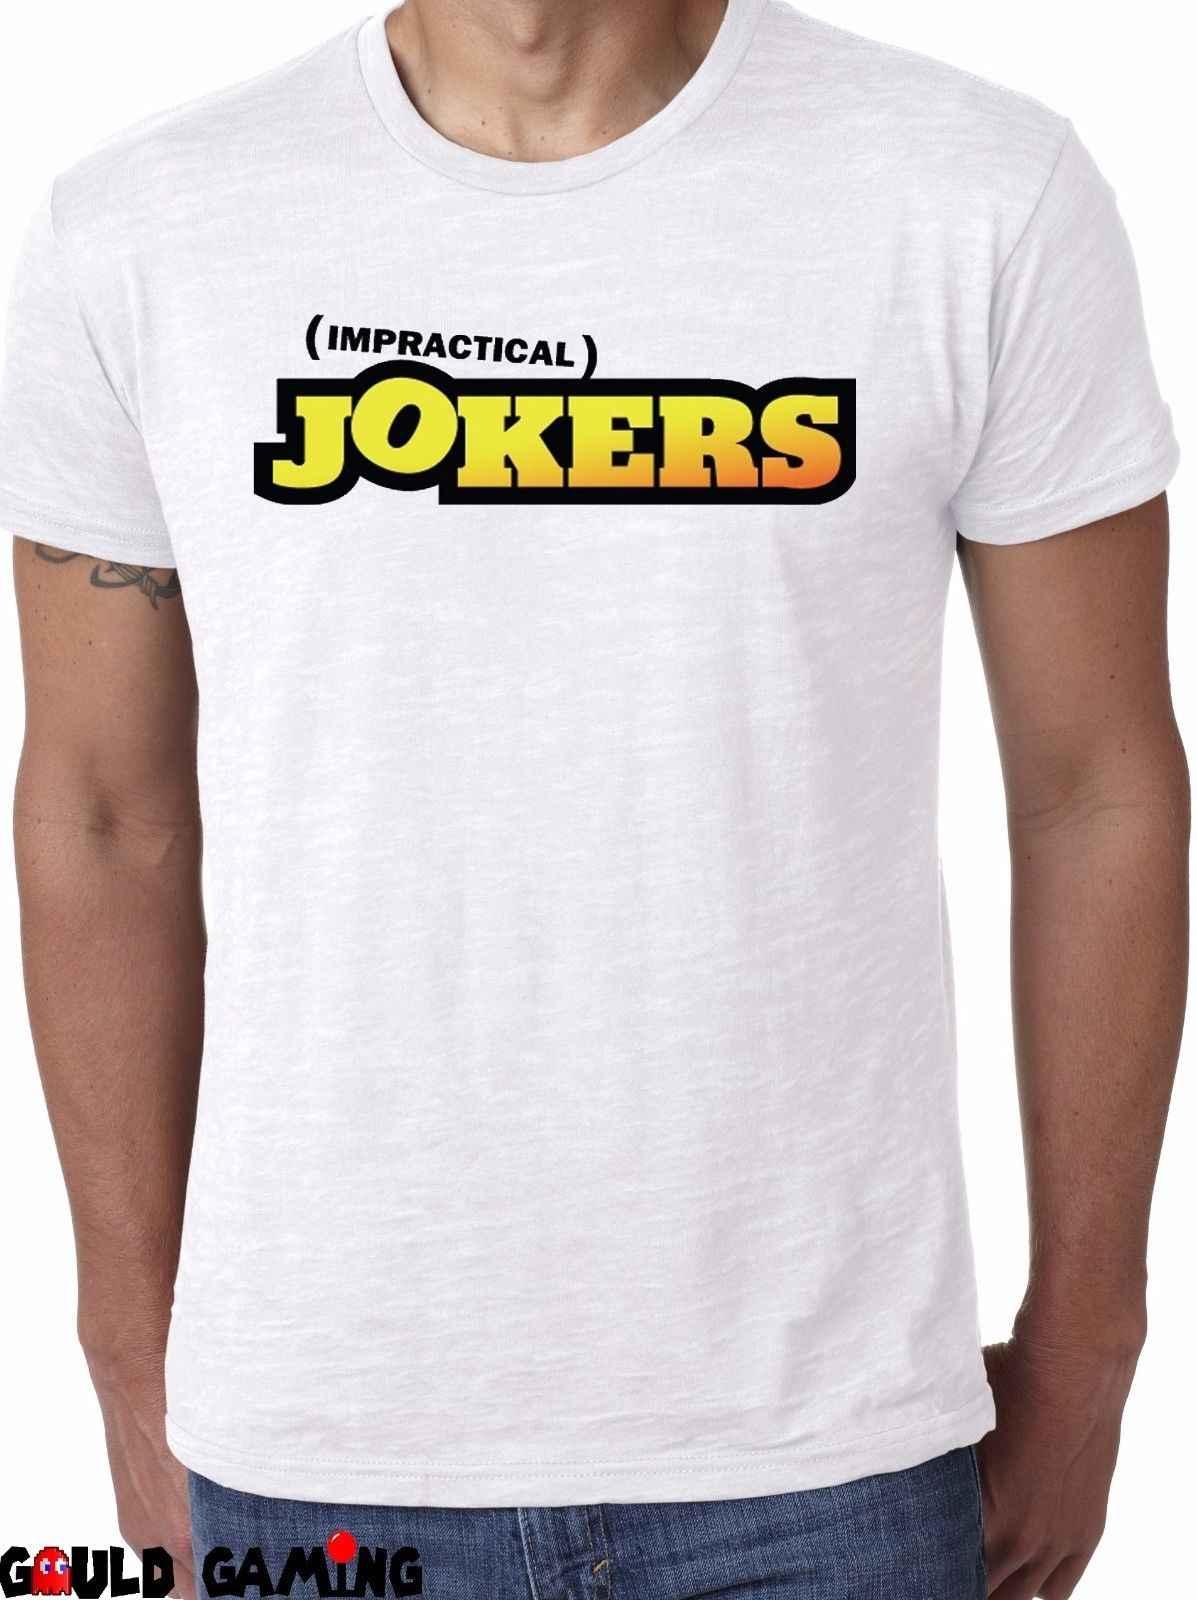 Непрактичная футболка Jokers Унисекс Забавный ТВ Sal Joe Q Мерр логотип комедия размеры Новые